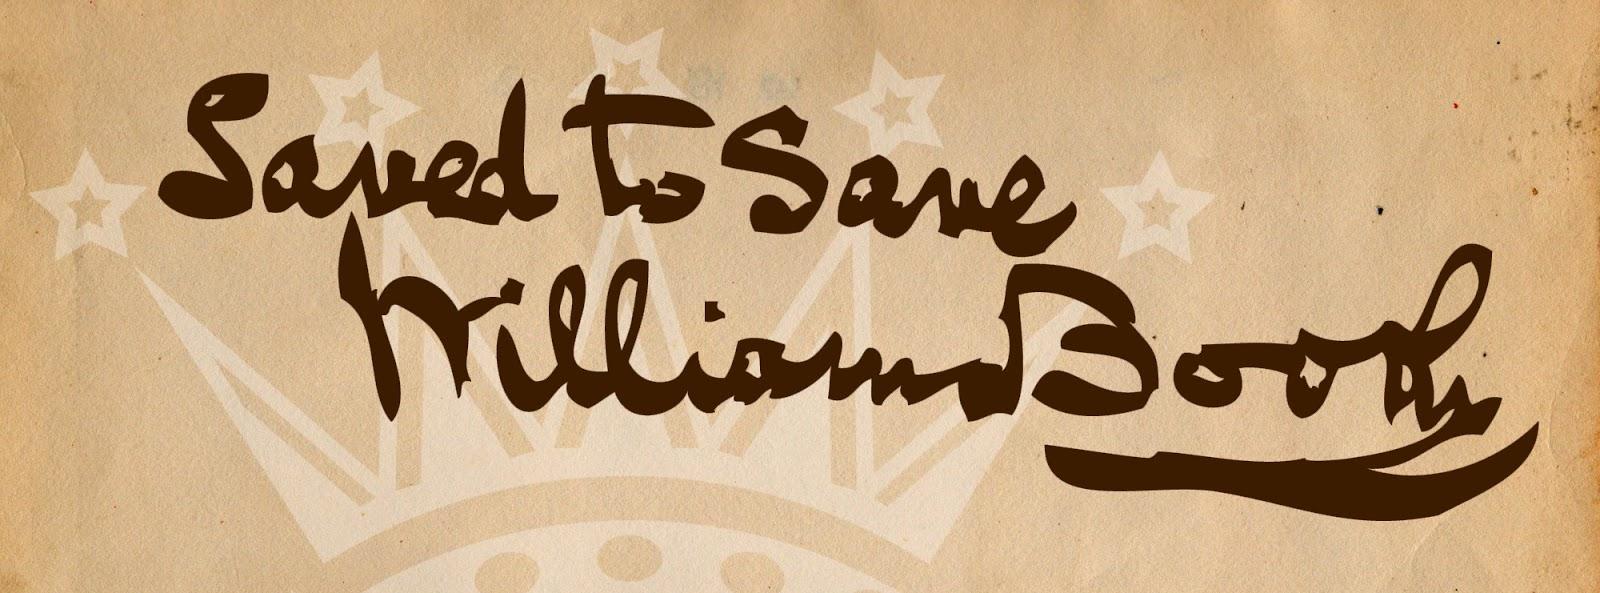 http://ephesiansfour12.blogspot.com.au/2013/02/saved-to.html